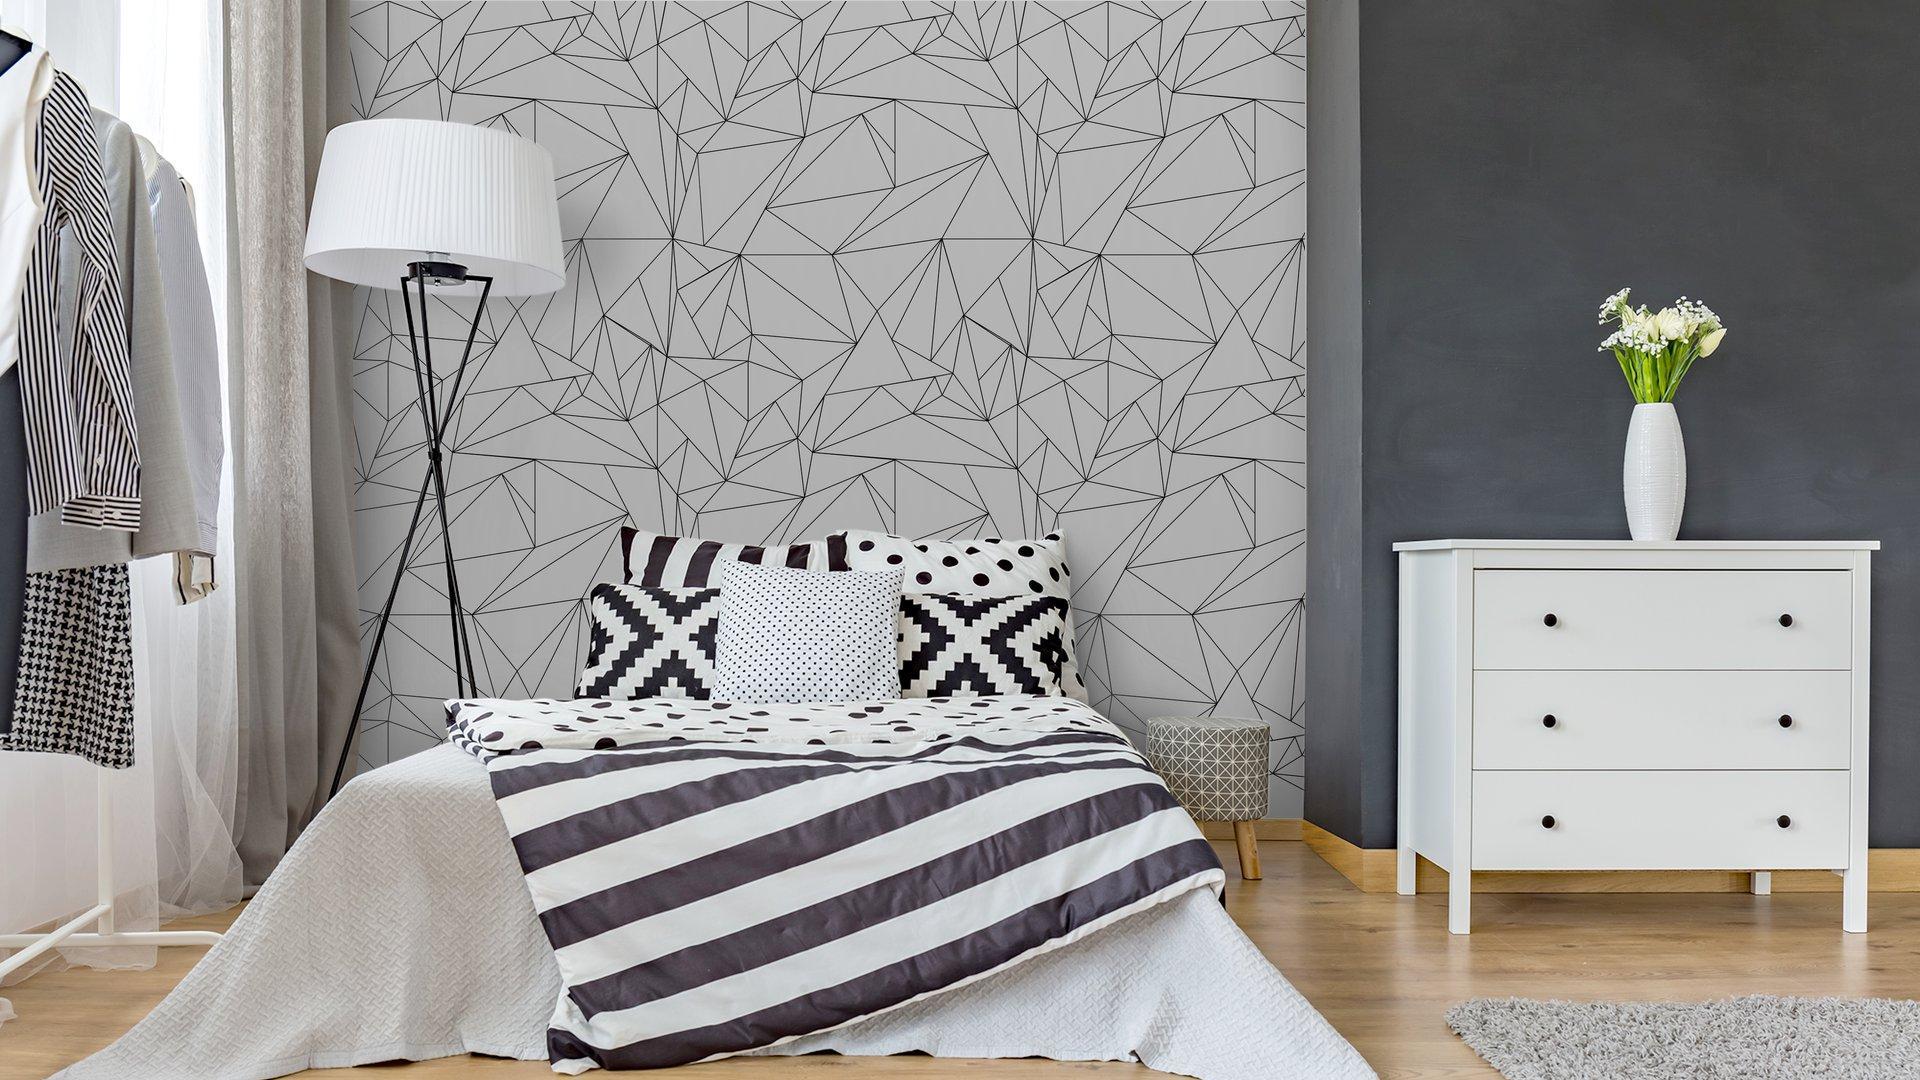 Fotomurales mexico papeles pintados lavables modelo geometrico blanco y negro simple minimalista triangulos o vidriera se puede utilizar como fondo de pantalla fondo o la textura 2 - Papel Tapiz Geométrico Minimalista Blanco Y Negro 01